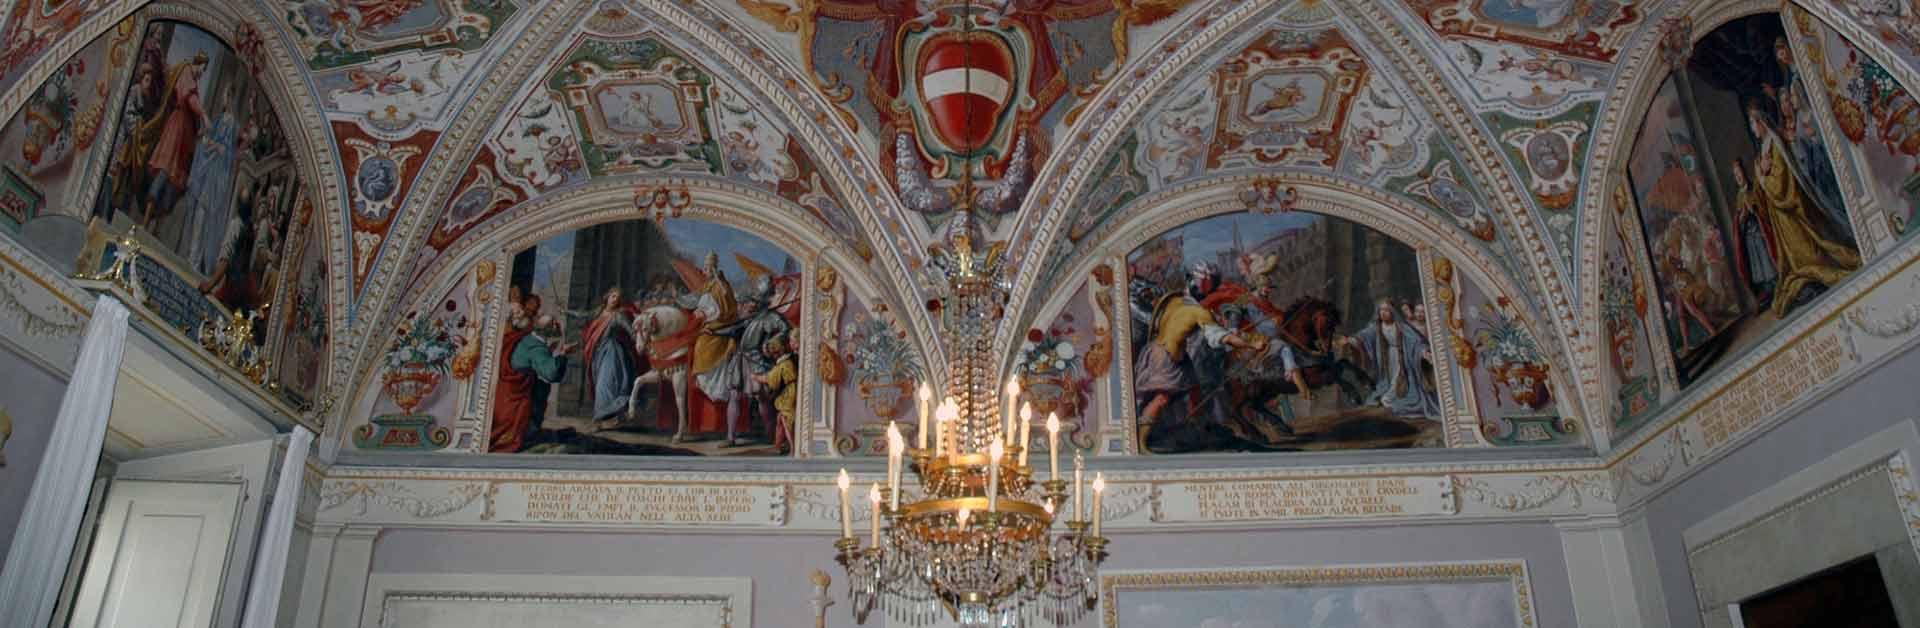 Educandato-Statale-SS-Annunziata-Villa-del-Poggio-Imperiale-Boarding-Florence-Italy-School-ceiling-Banner